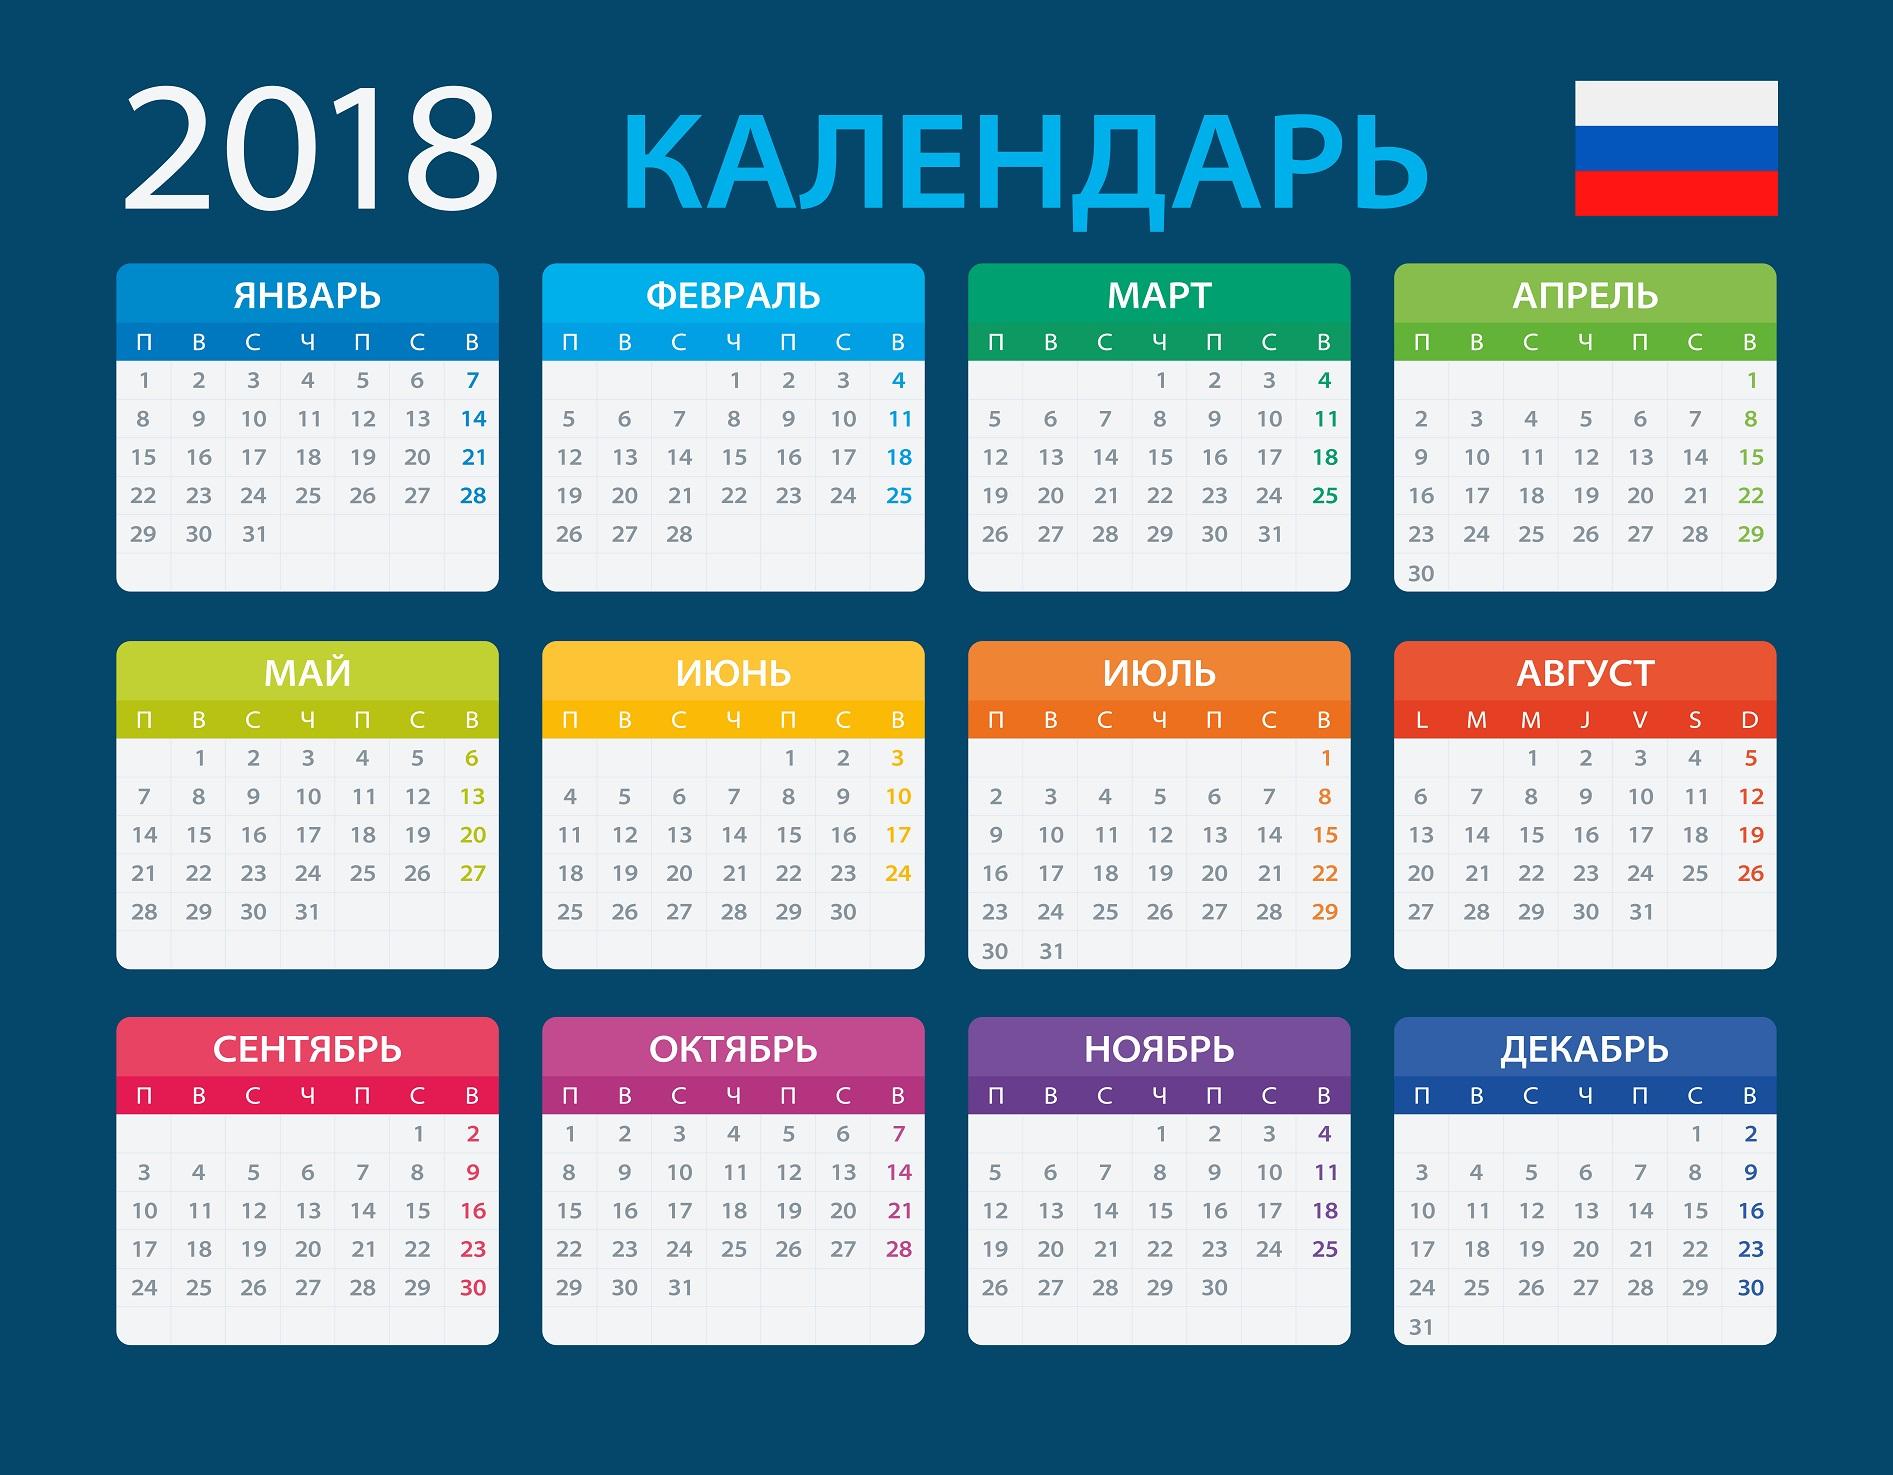 Как создать свой календарь на 2018 год. Источник фото: Shutterstock